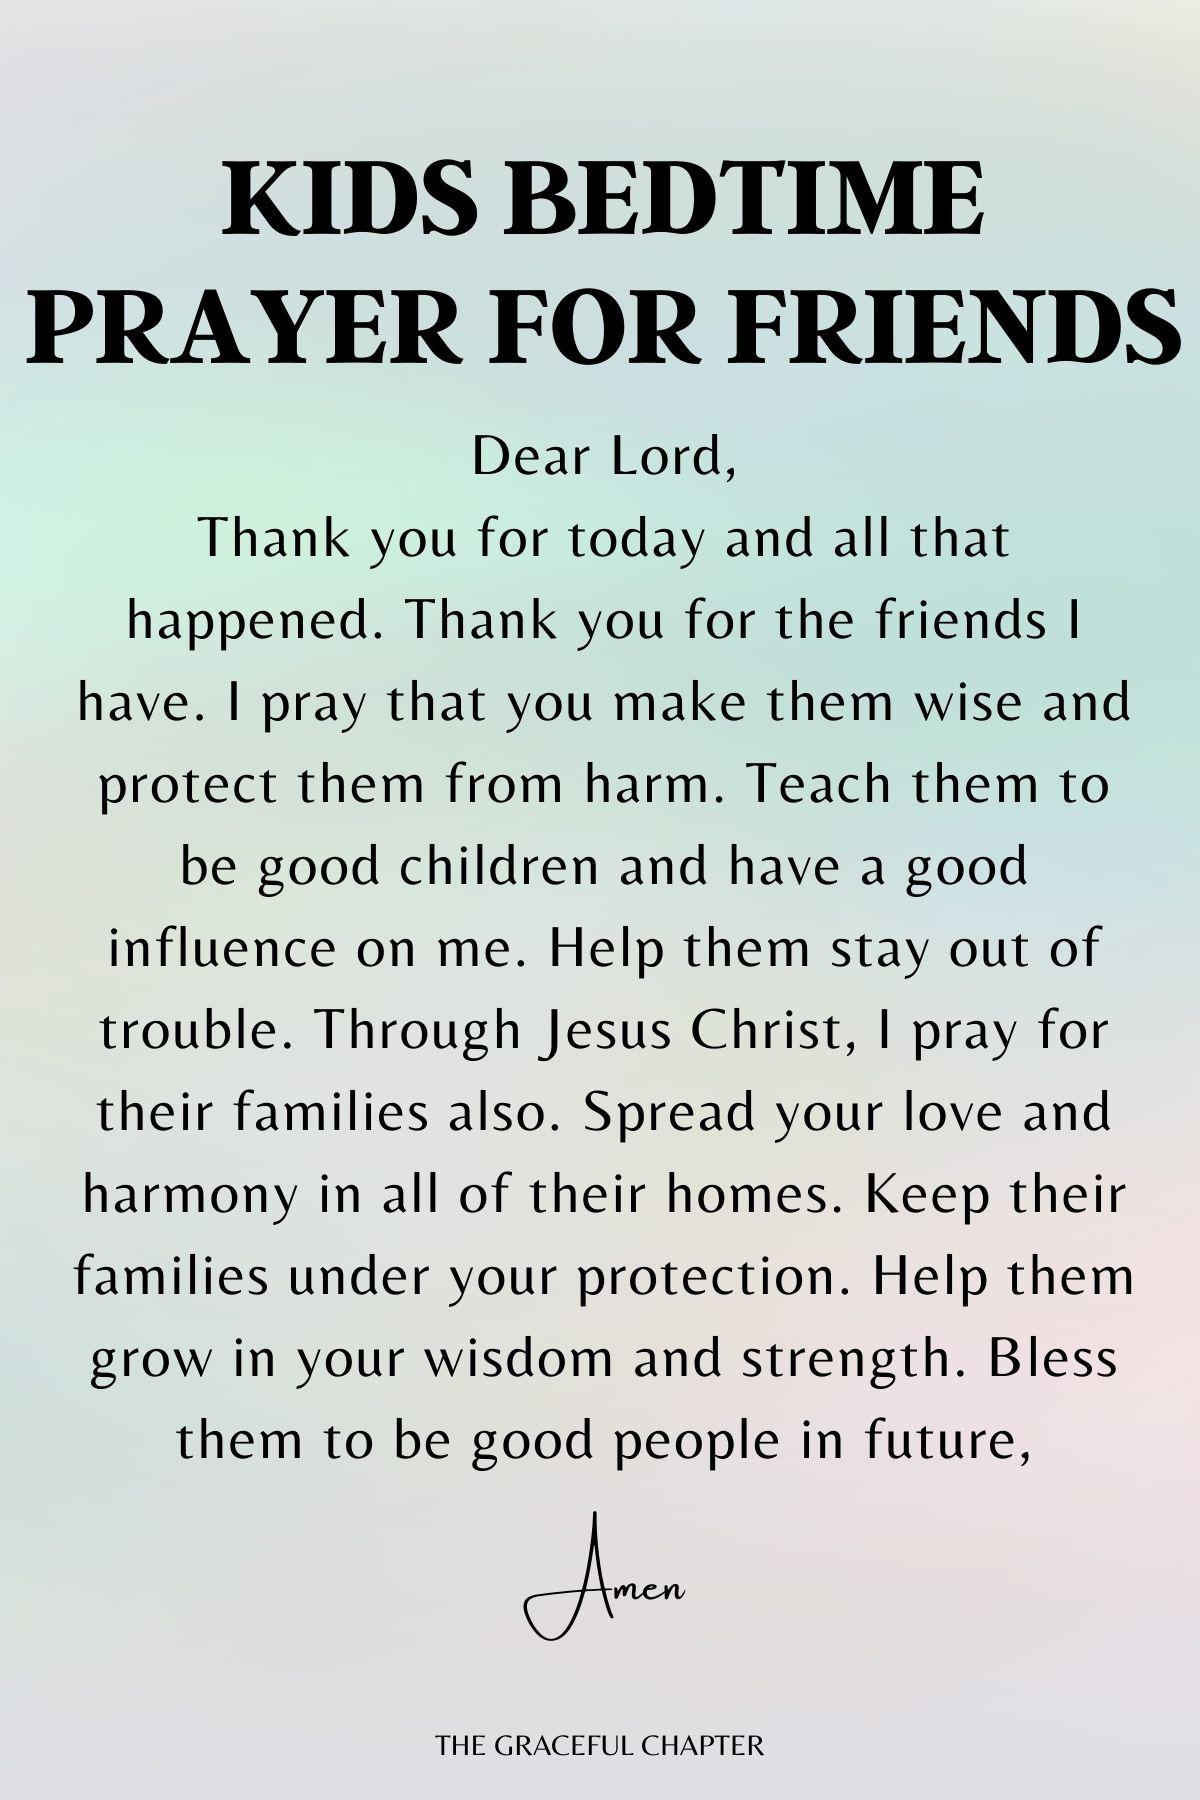 Kids bedtime prayer for friends